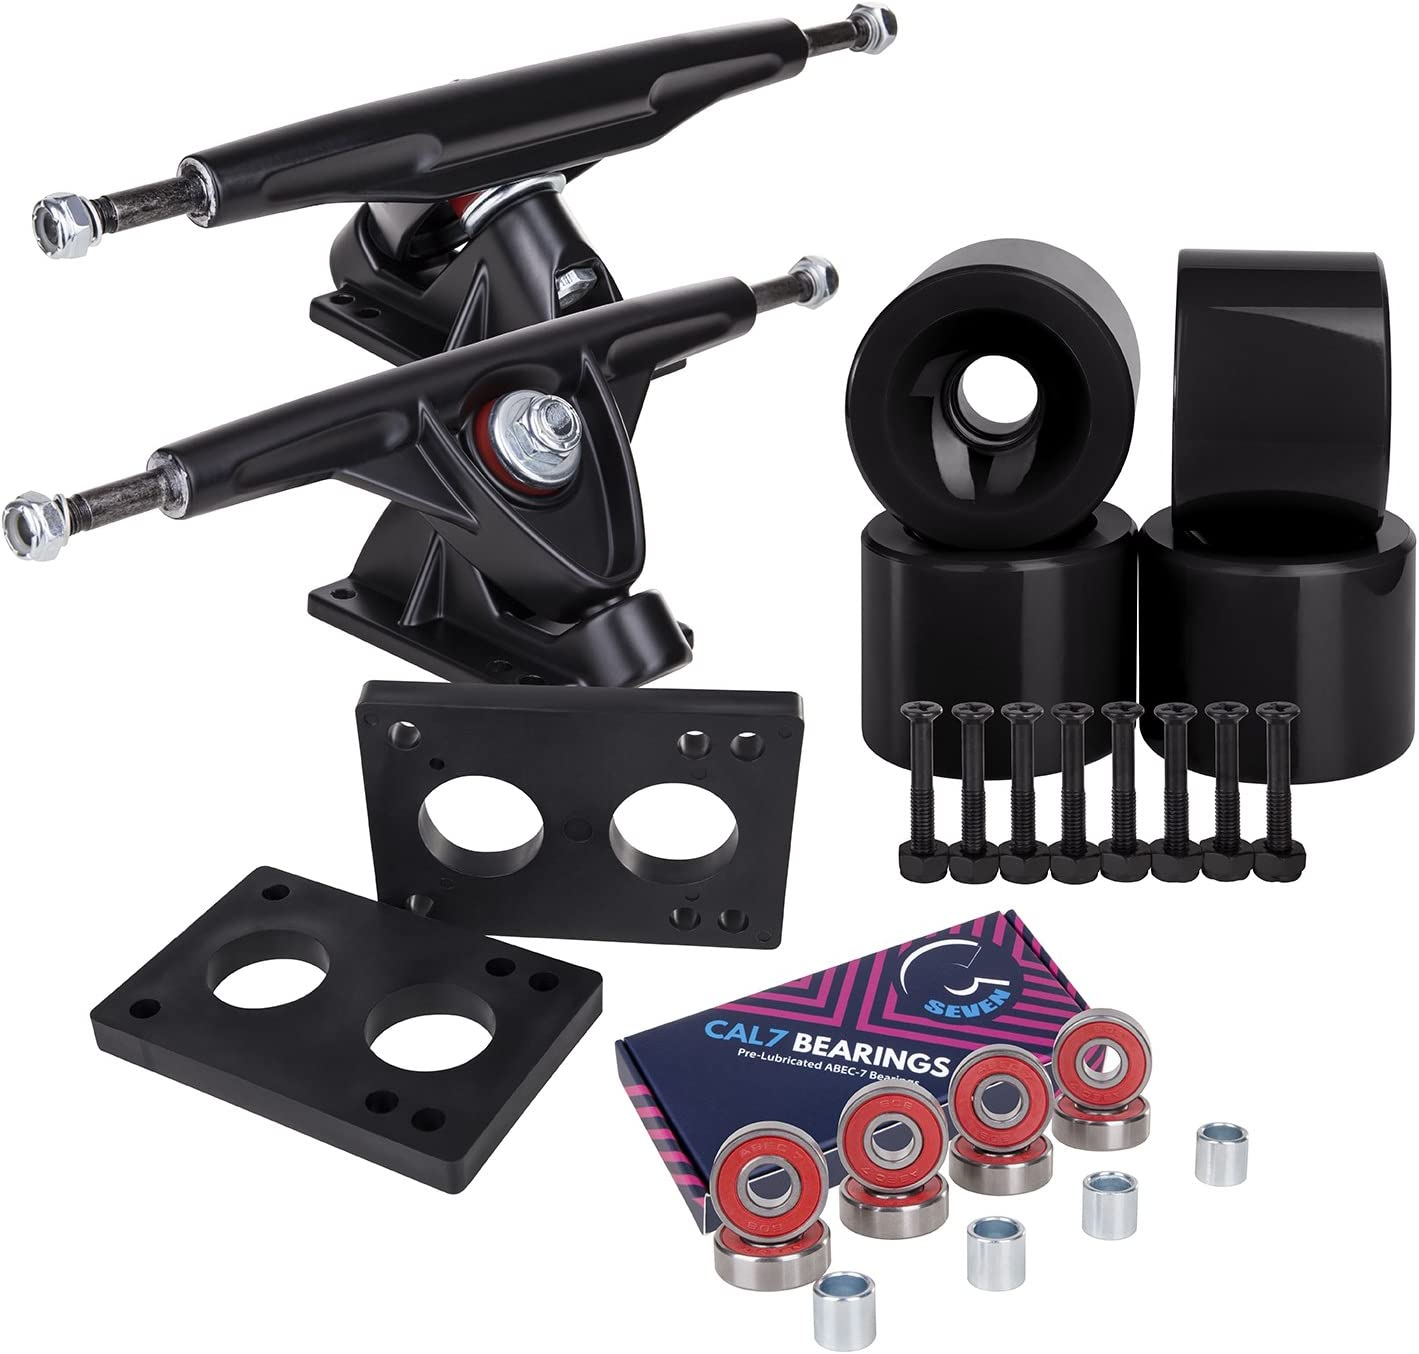 Best-Longboard-Truck-Cal-7-180mm-Trucks-with-Wheels-Bearings-Hardware